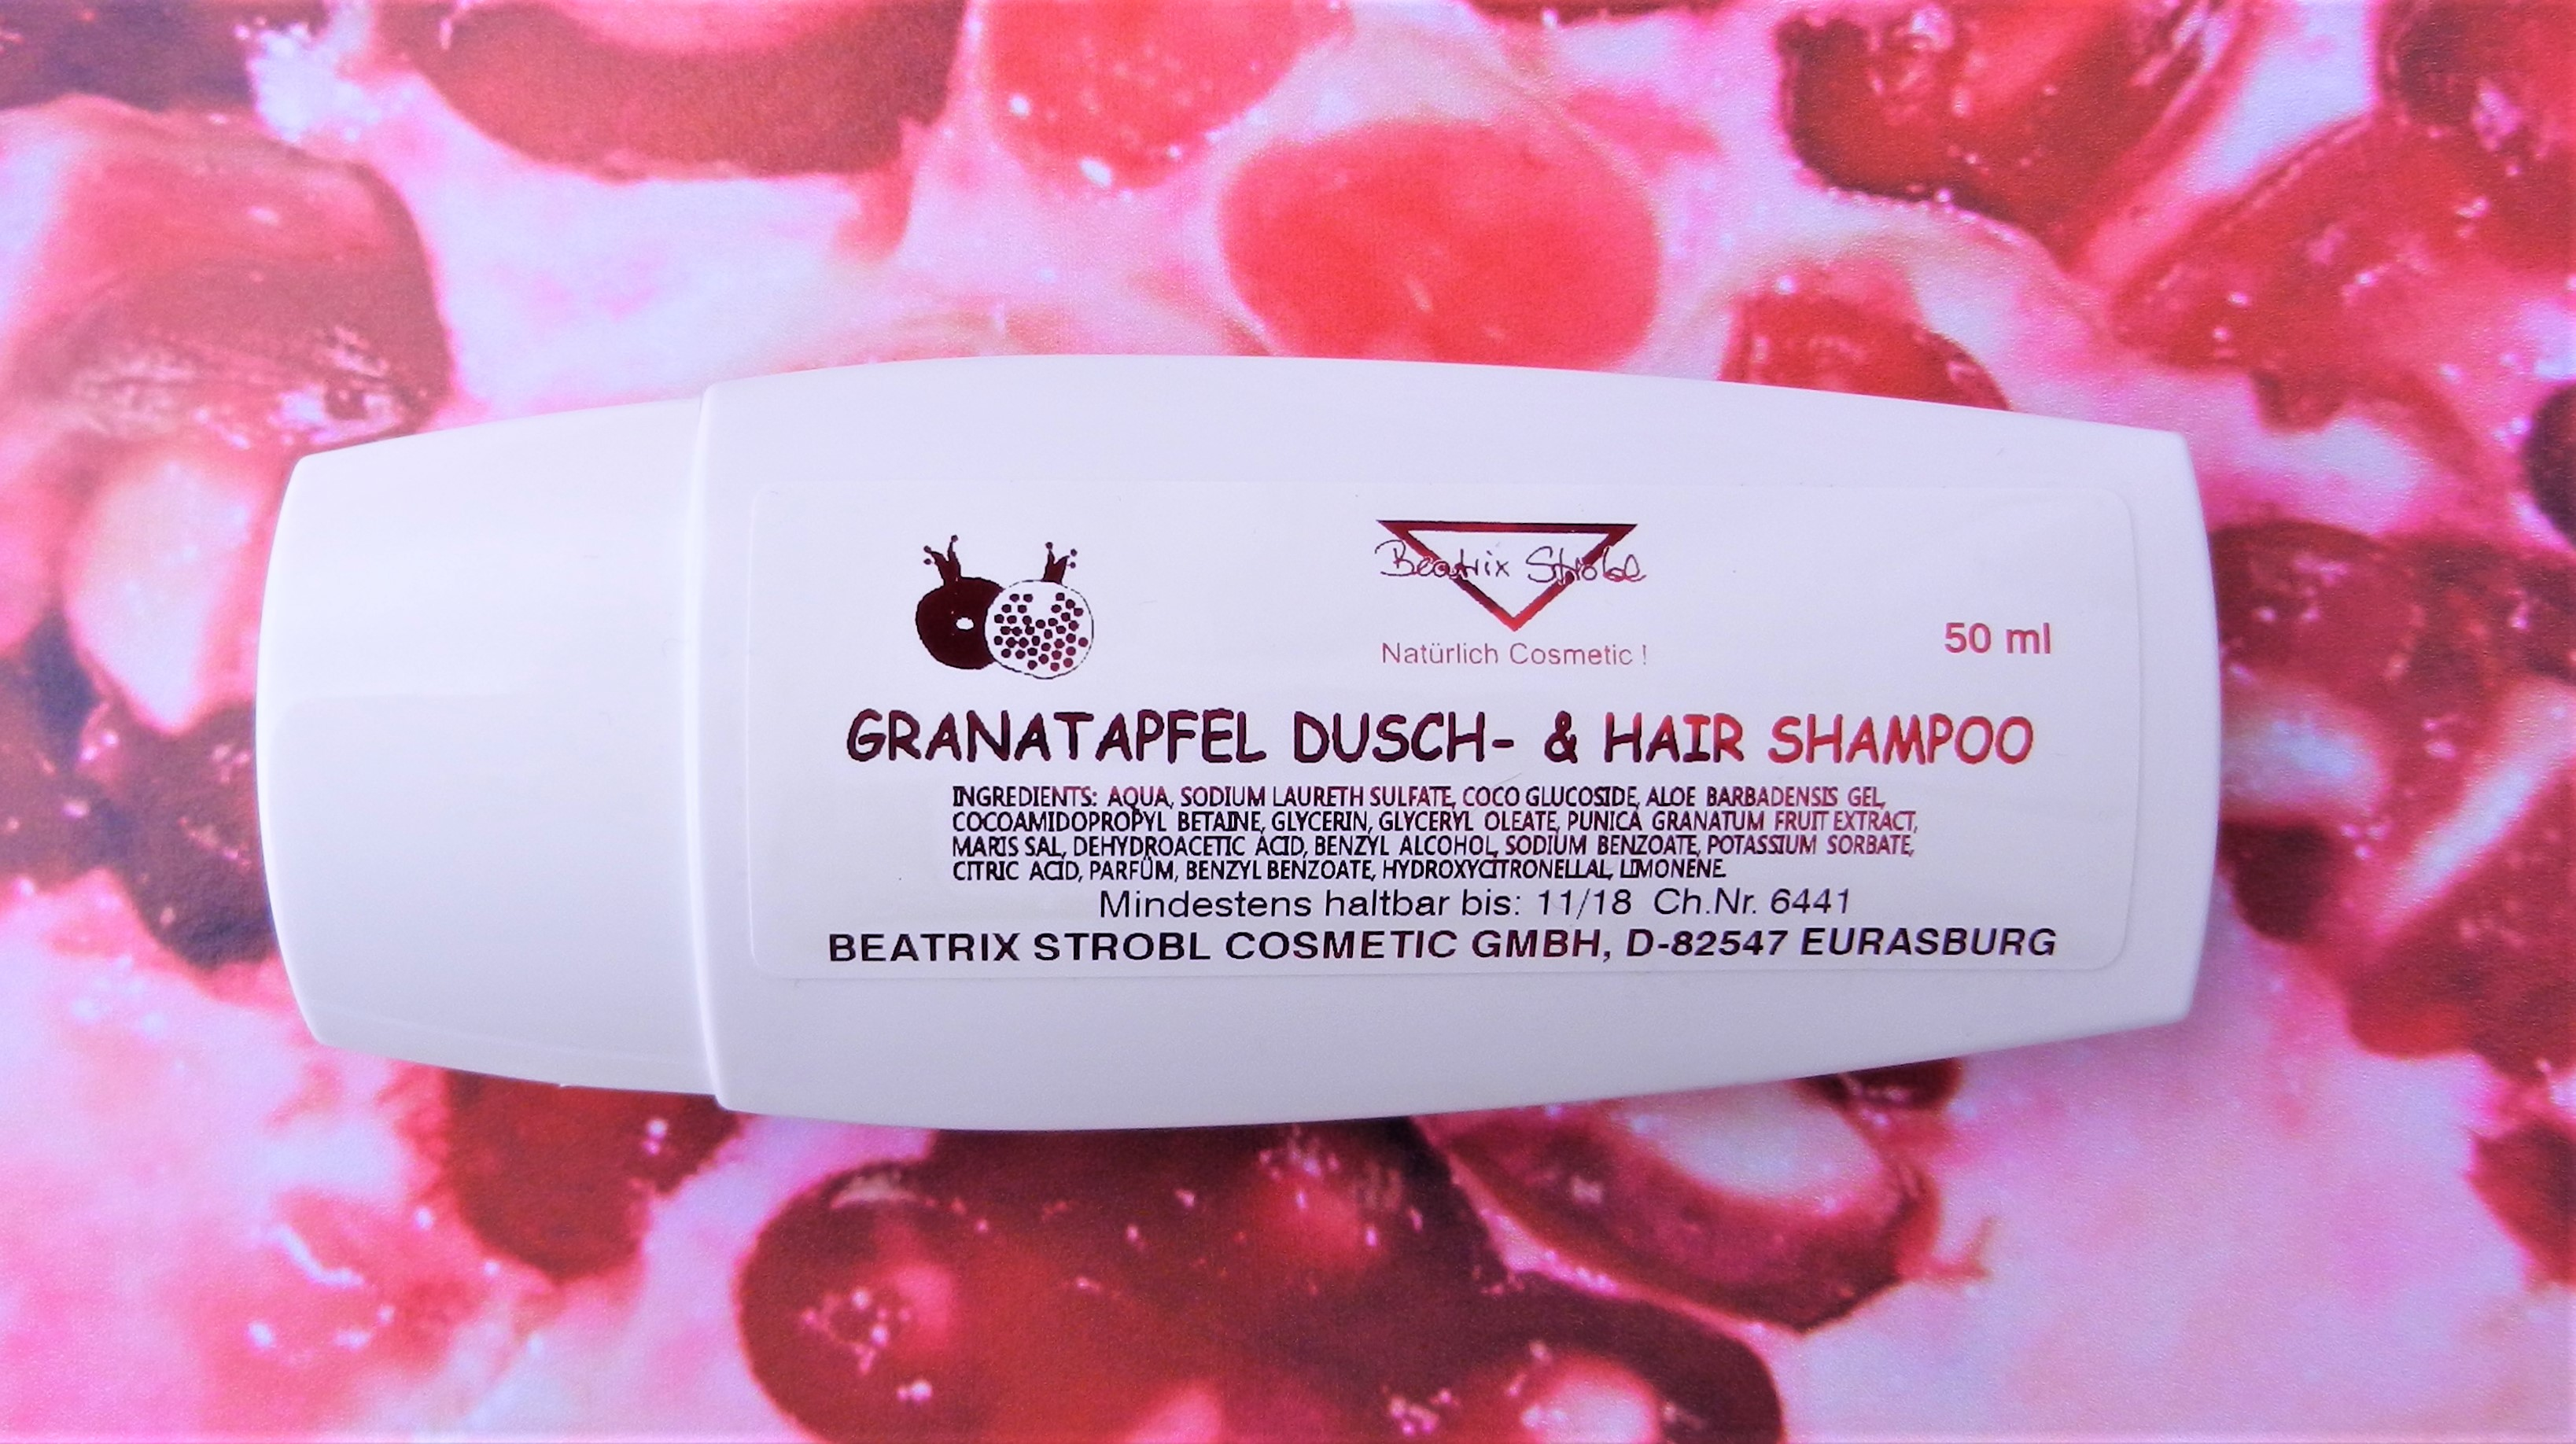 POMEGRANATE DUSCH & HAIR SHAMPOO